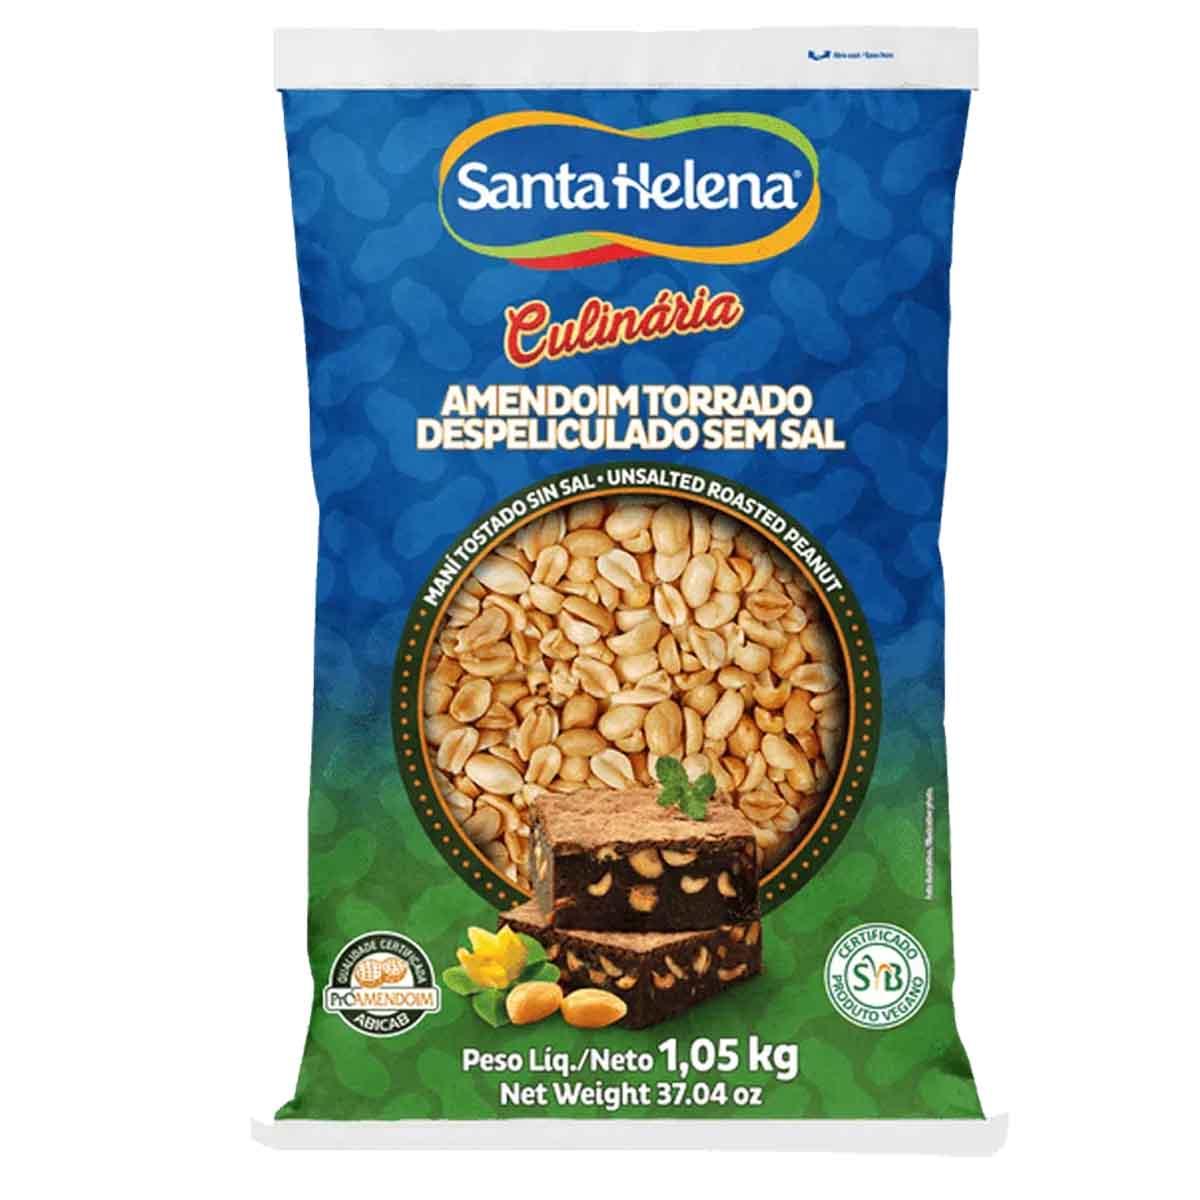 Amendoim Torrado Despeliculado  Sem Sal 1,05kg Santa Helena